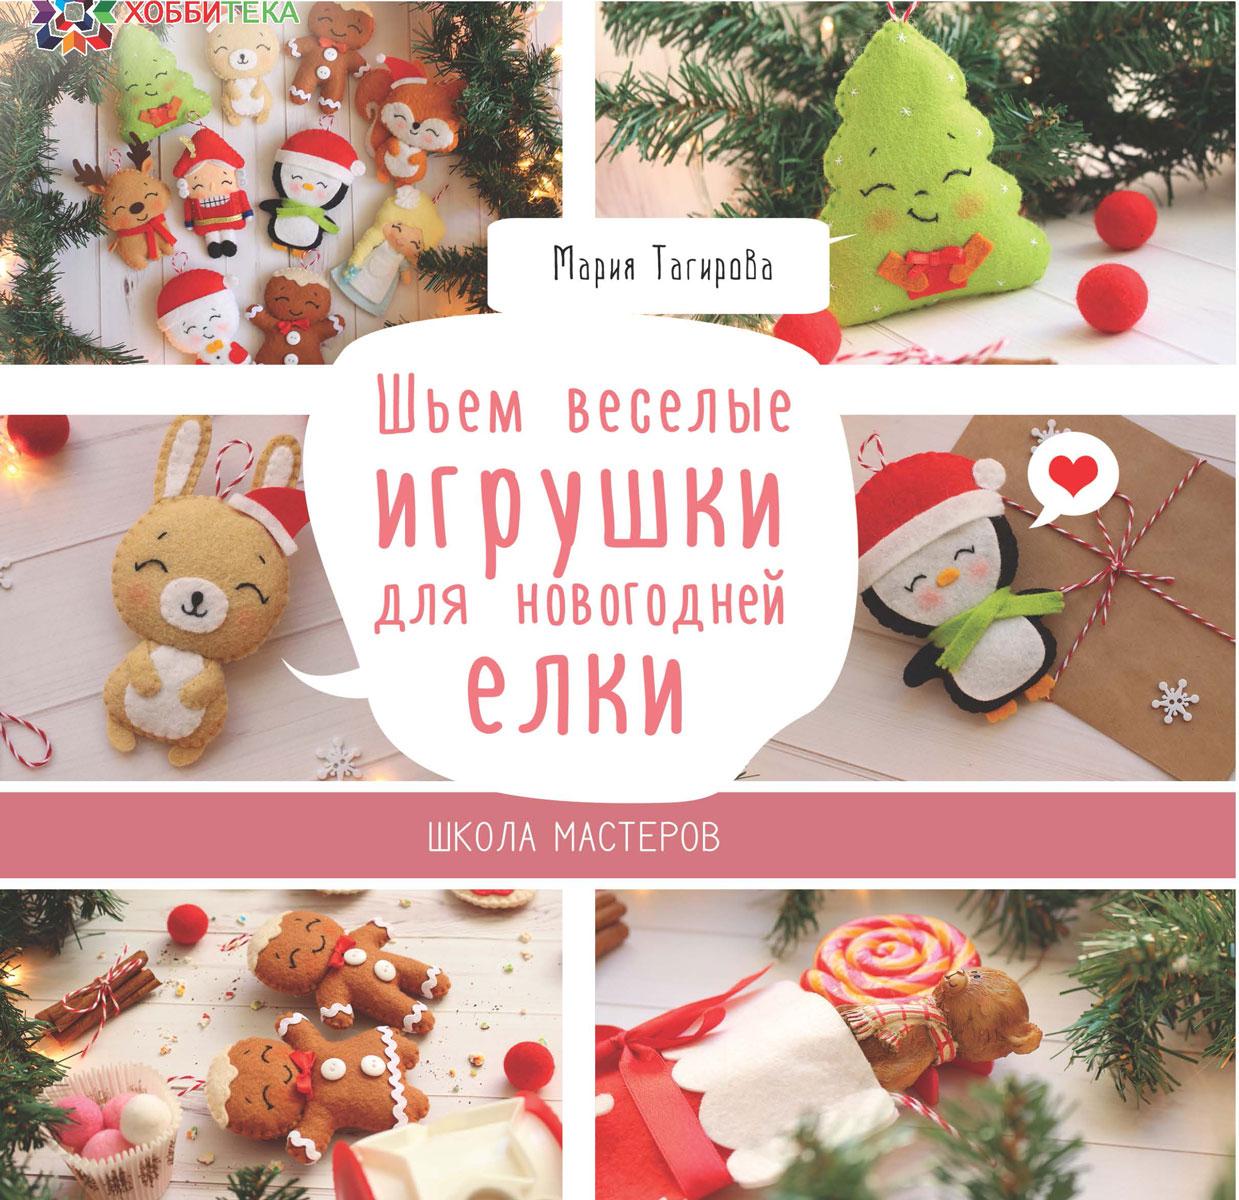 Фото - Мария Тагирова Шьем веселые игрушки для новогодней елки. Школа мастеров евлампиева е шьем сами от выкройки к готовому изделию